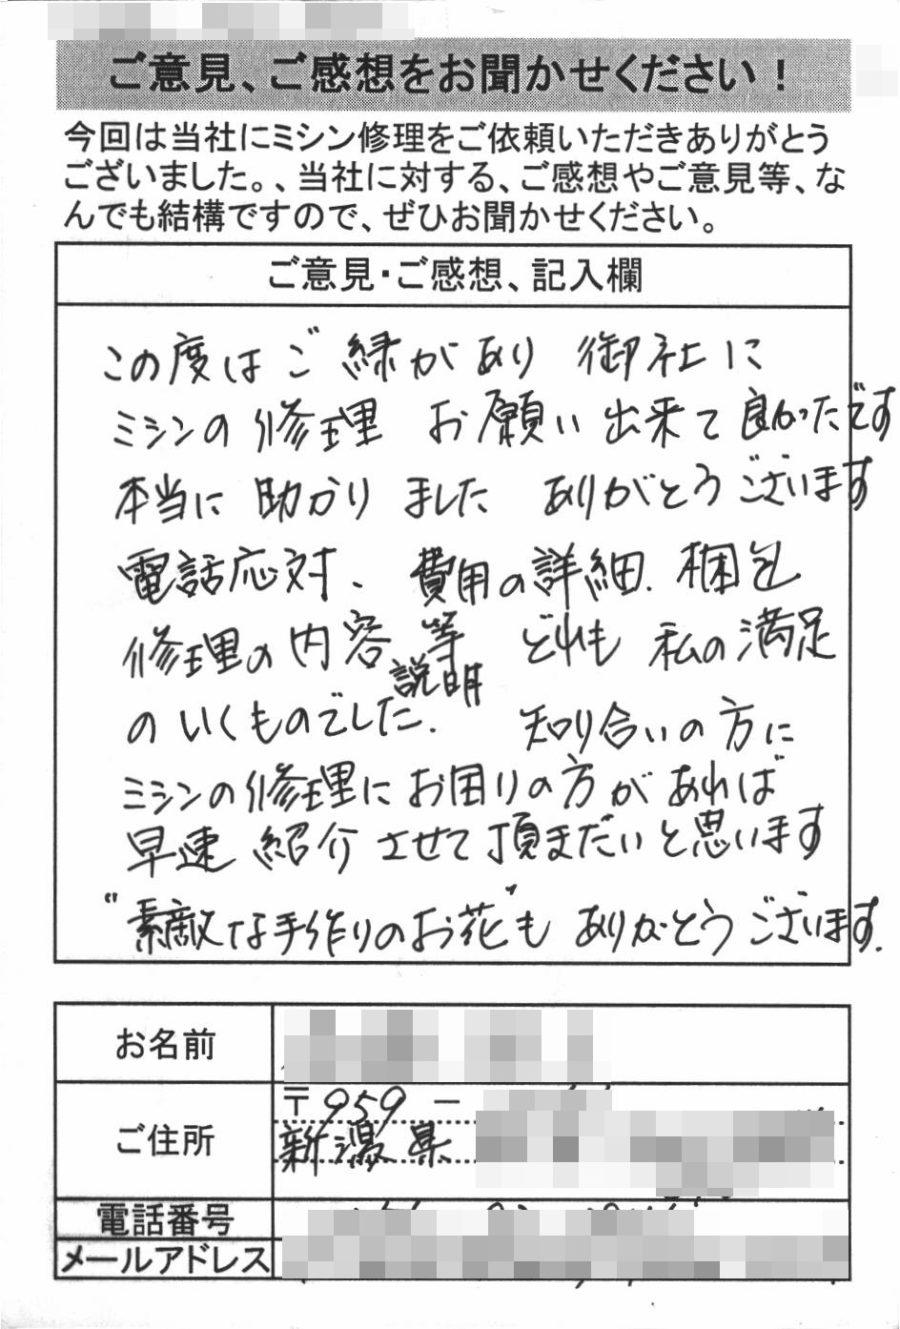 新潟県からミシン修理のお客様の声